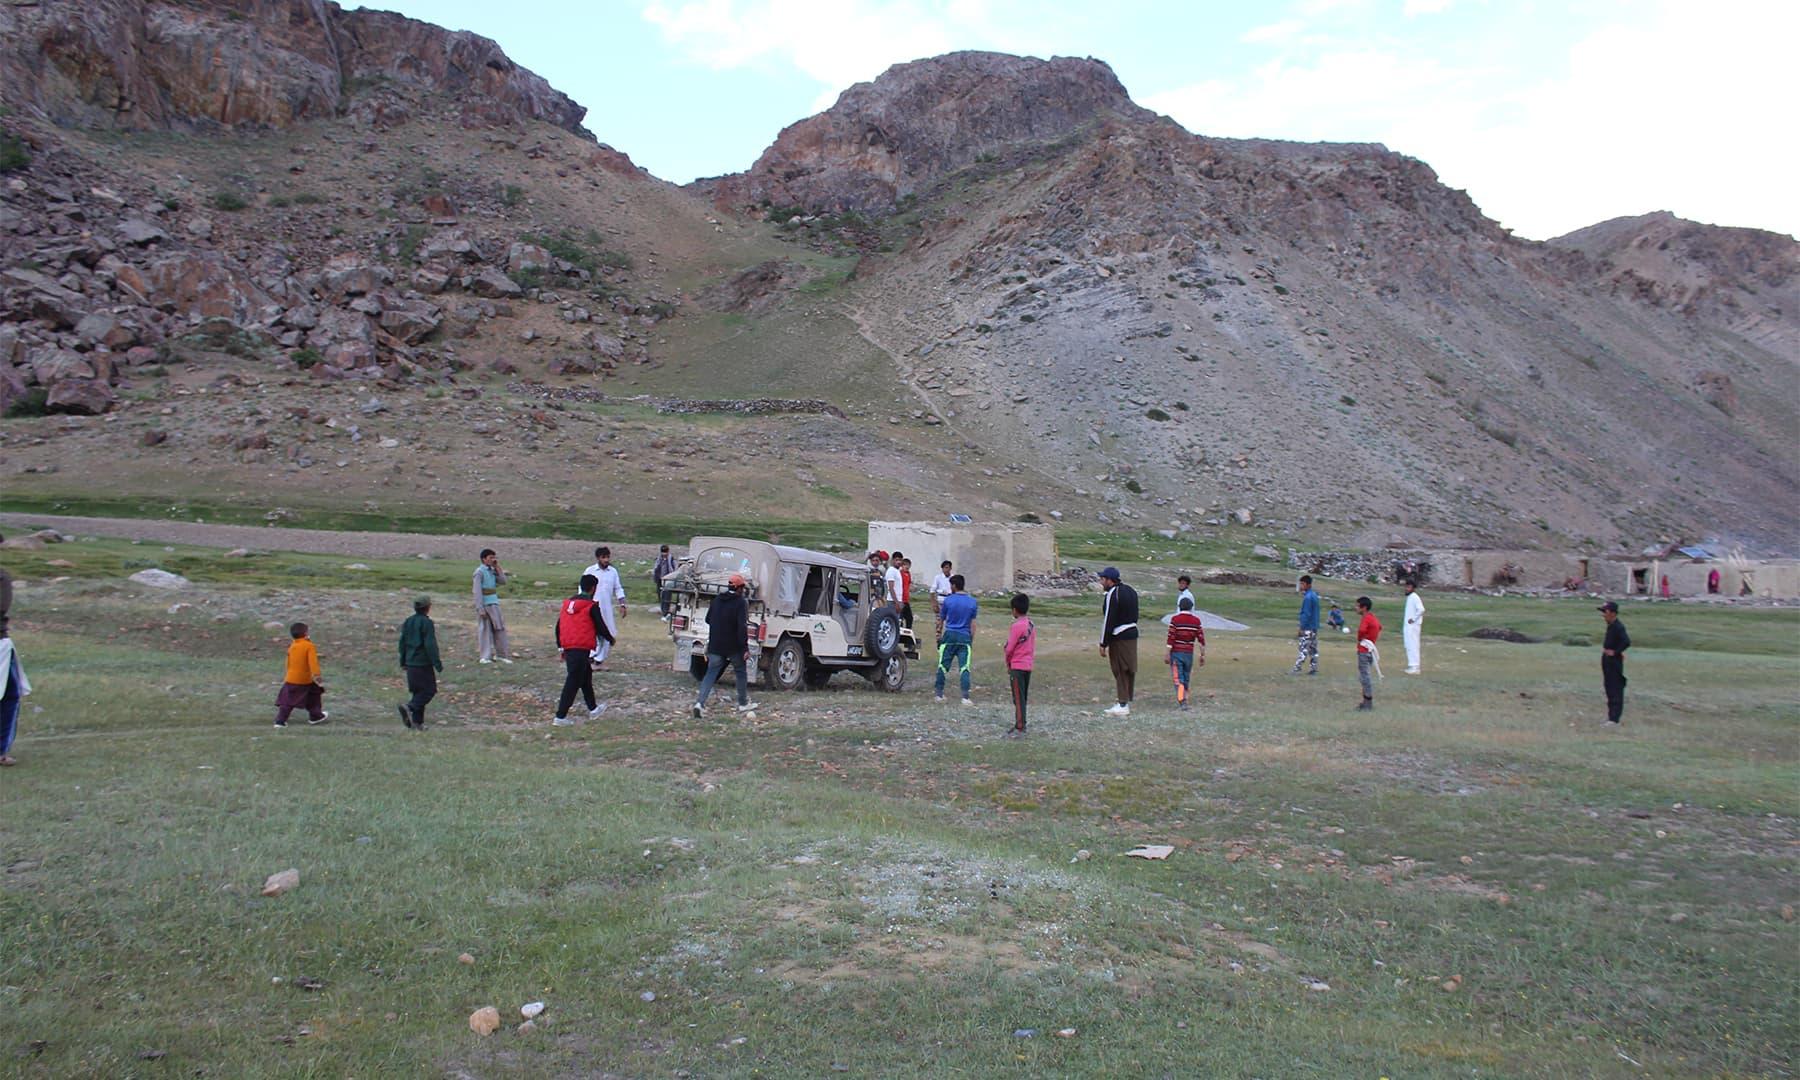 گرل گاؤں کے میدان میں مقامی نوجوان فٹ بال کھیلنے میں مصروف تھے